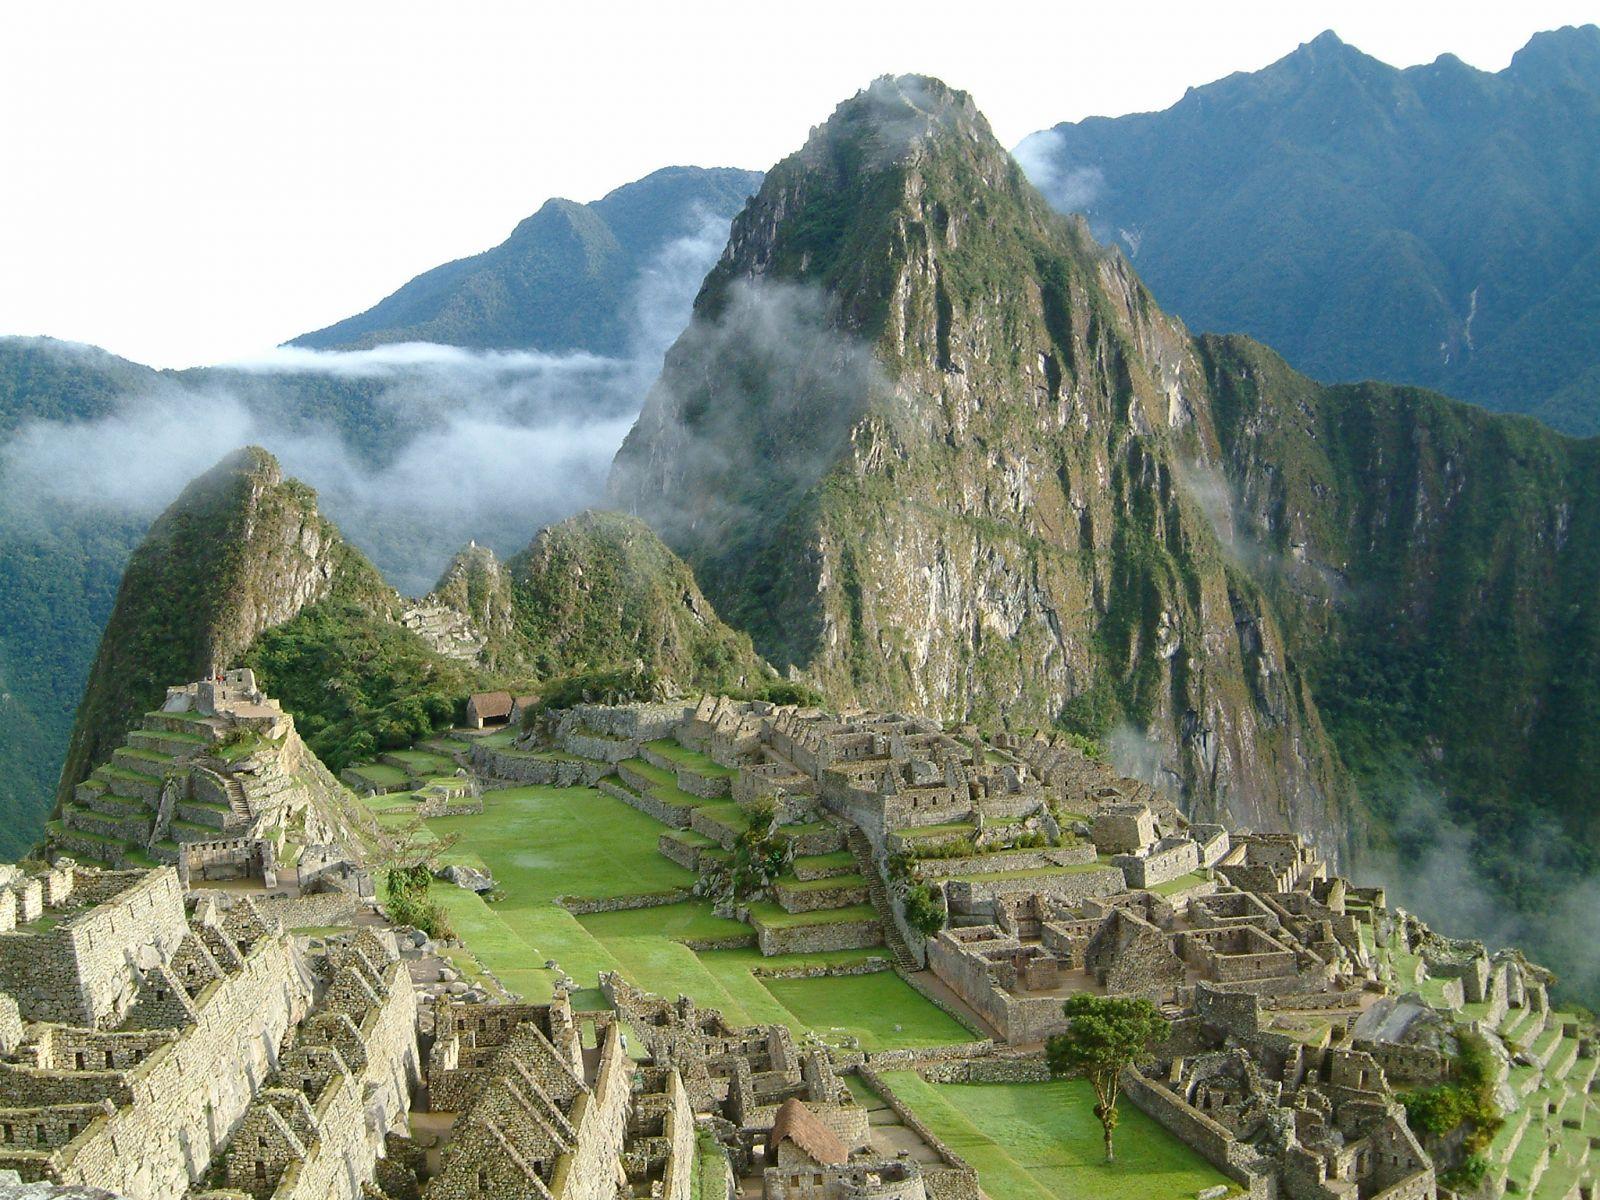 Novo caminho que leva a Machu Picchu foi encontrado no Peru